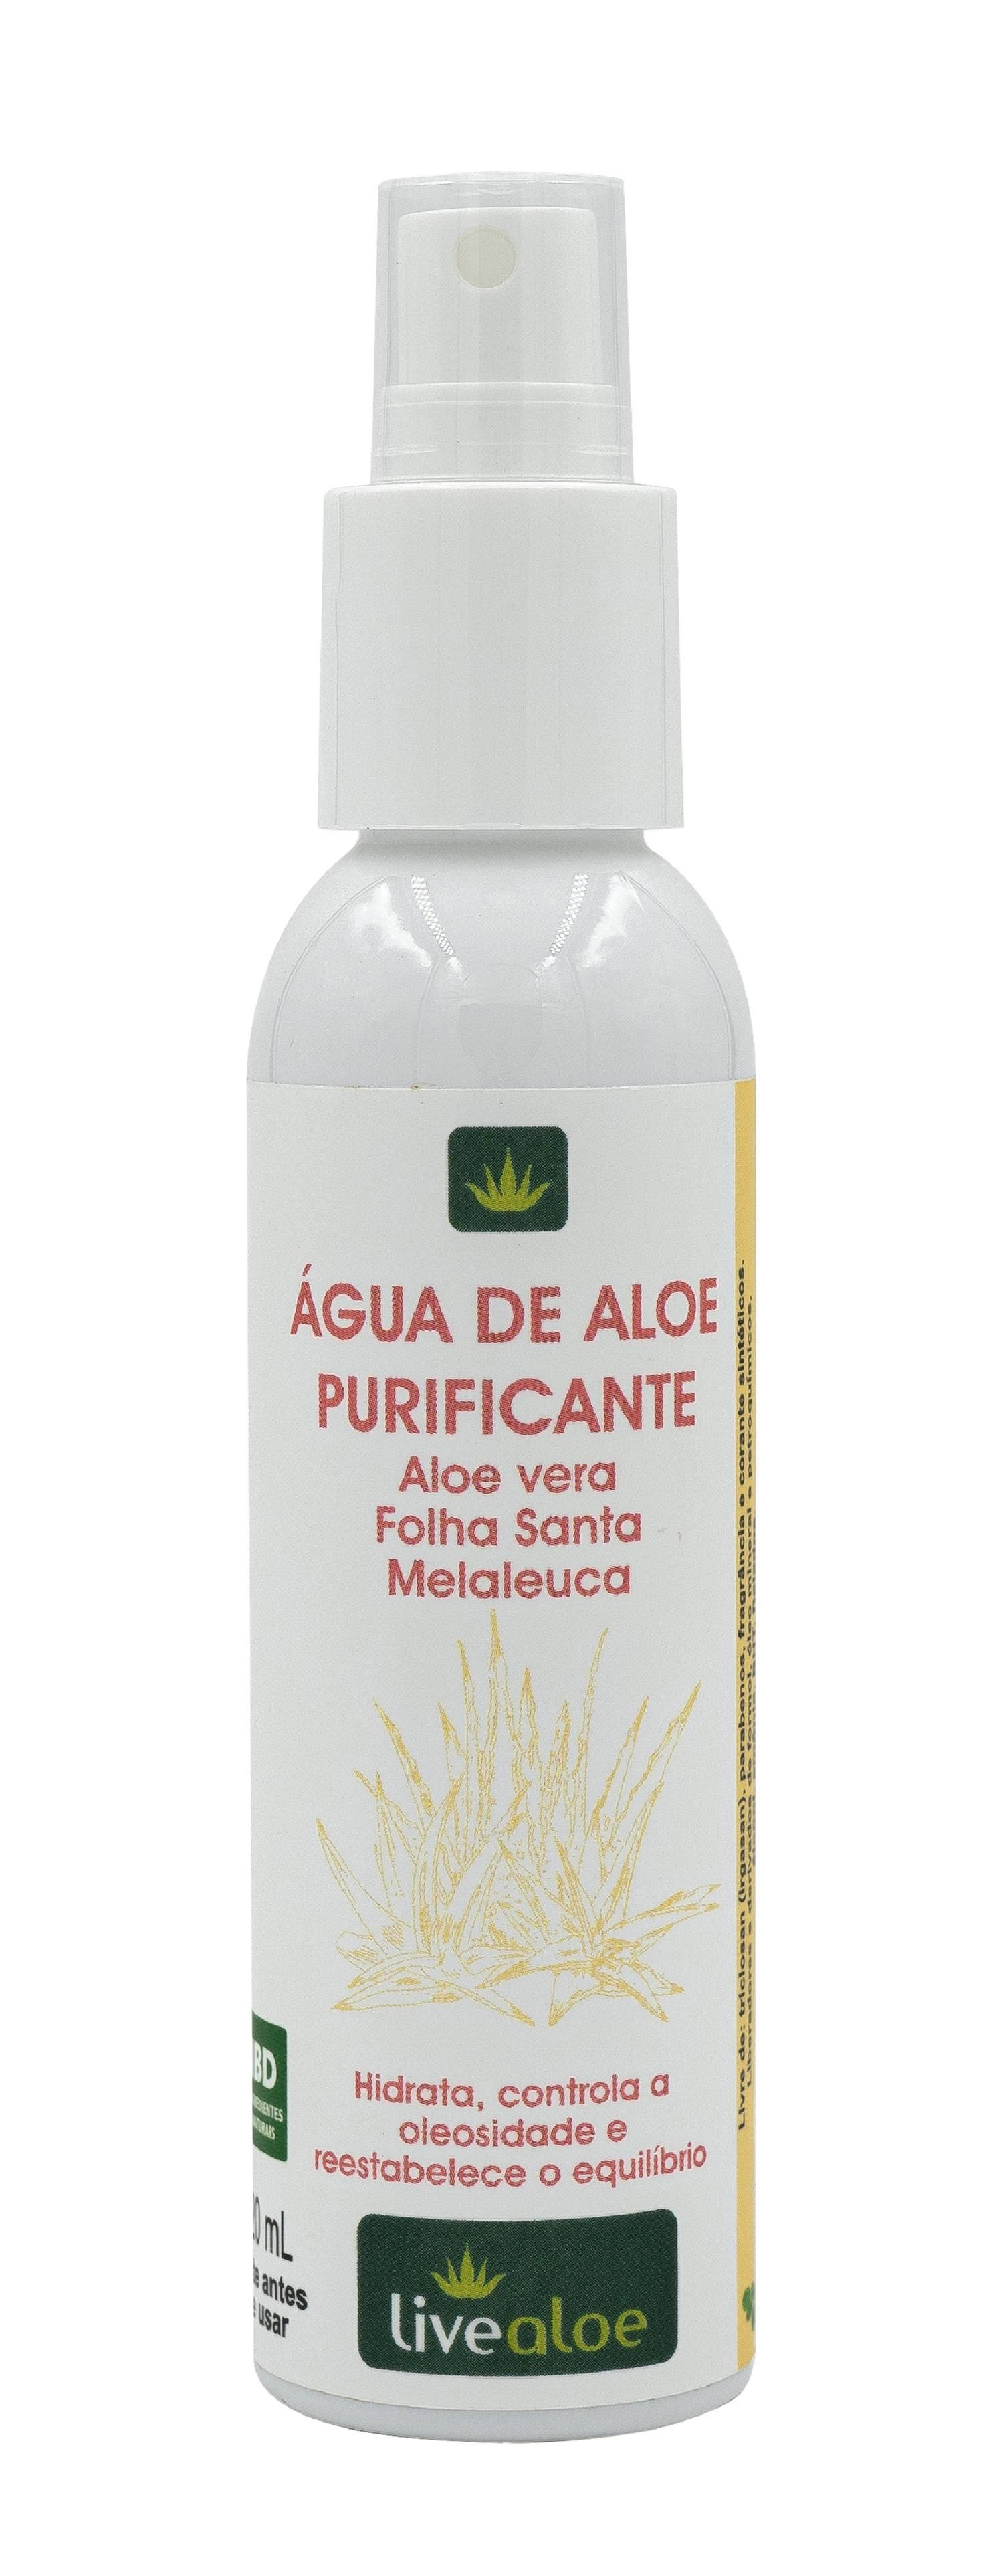 Água Purificante de Aloe